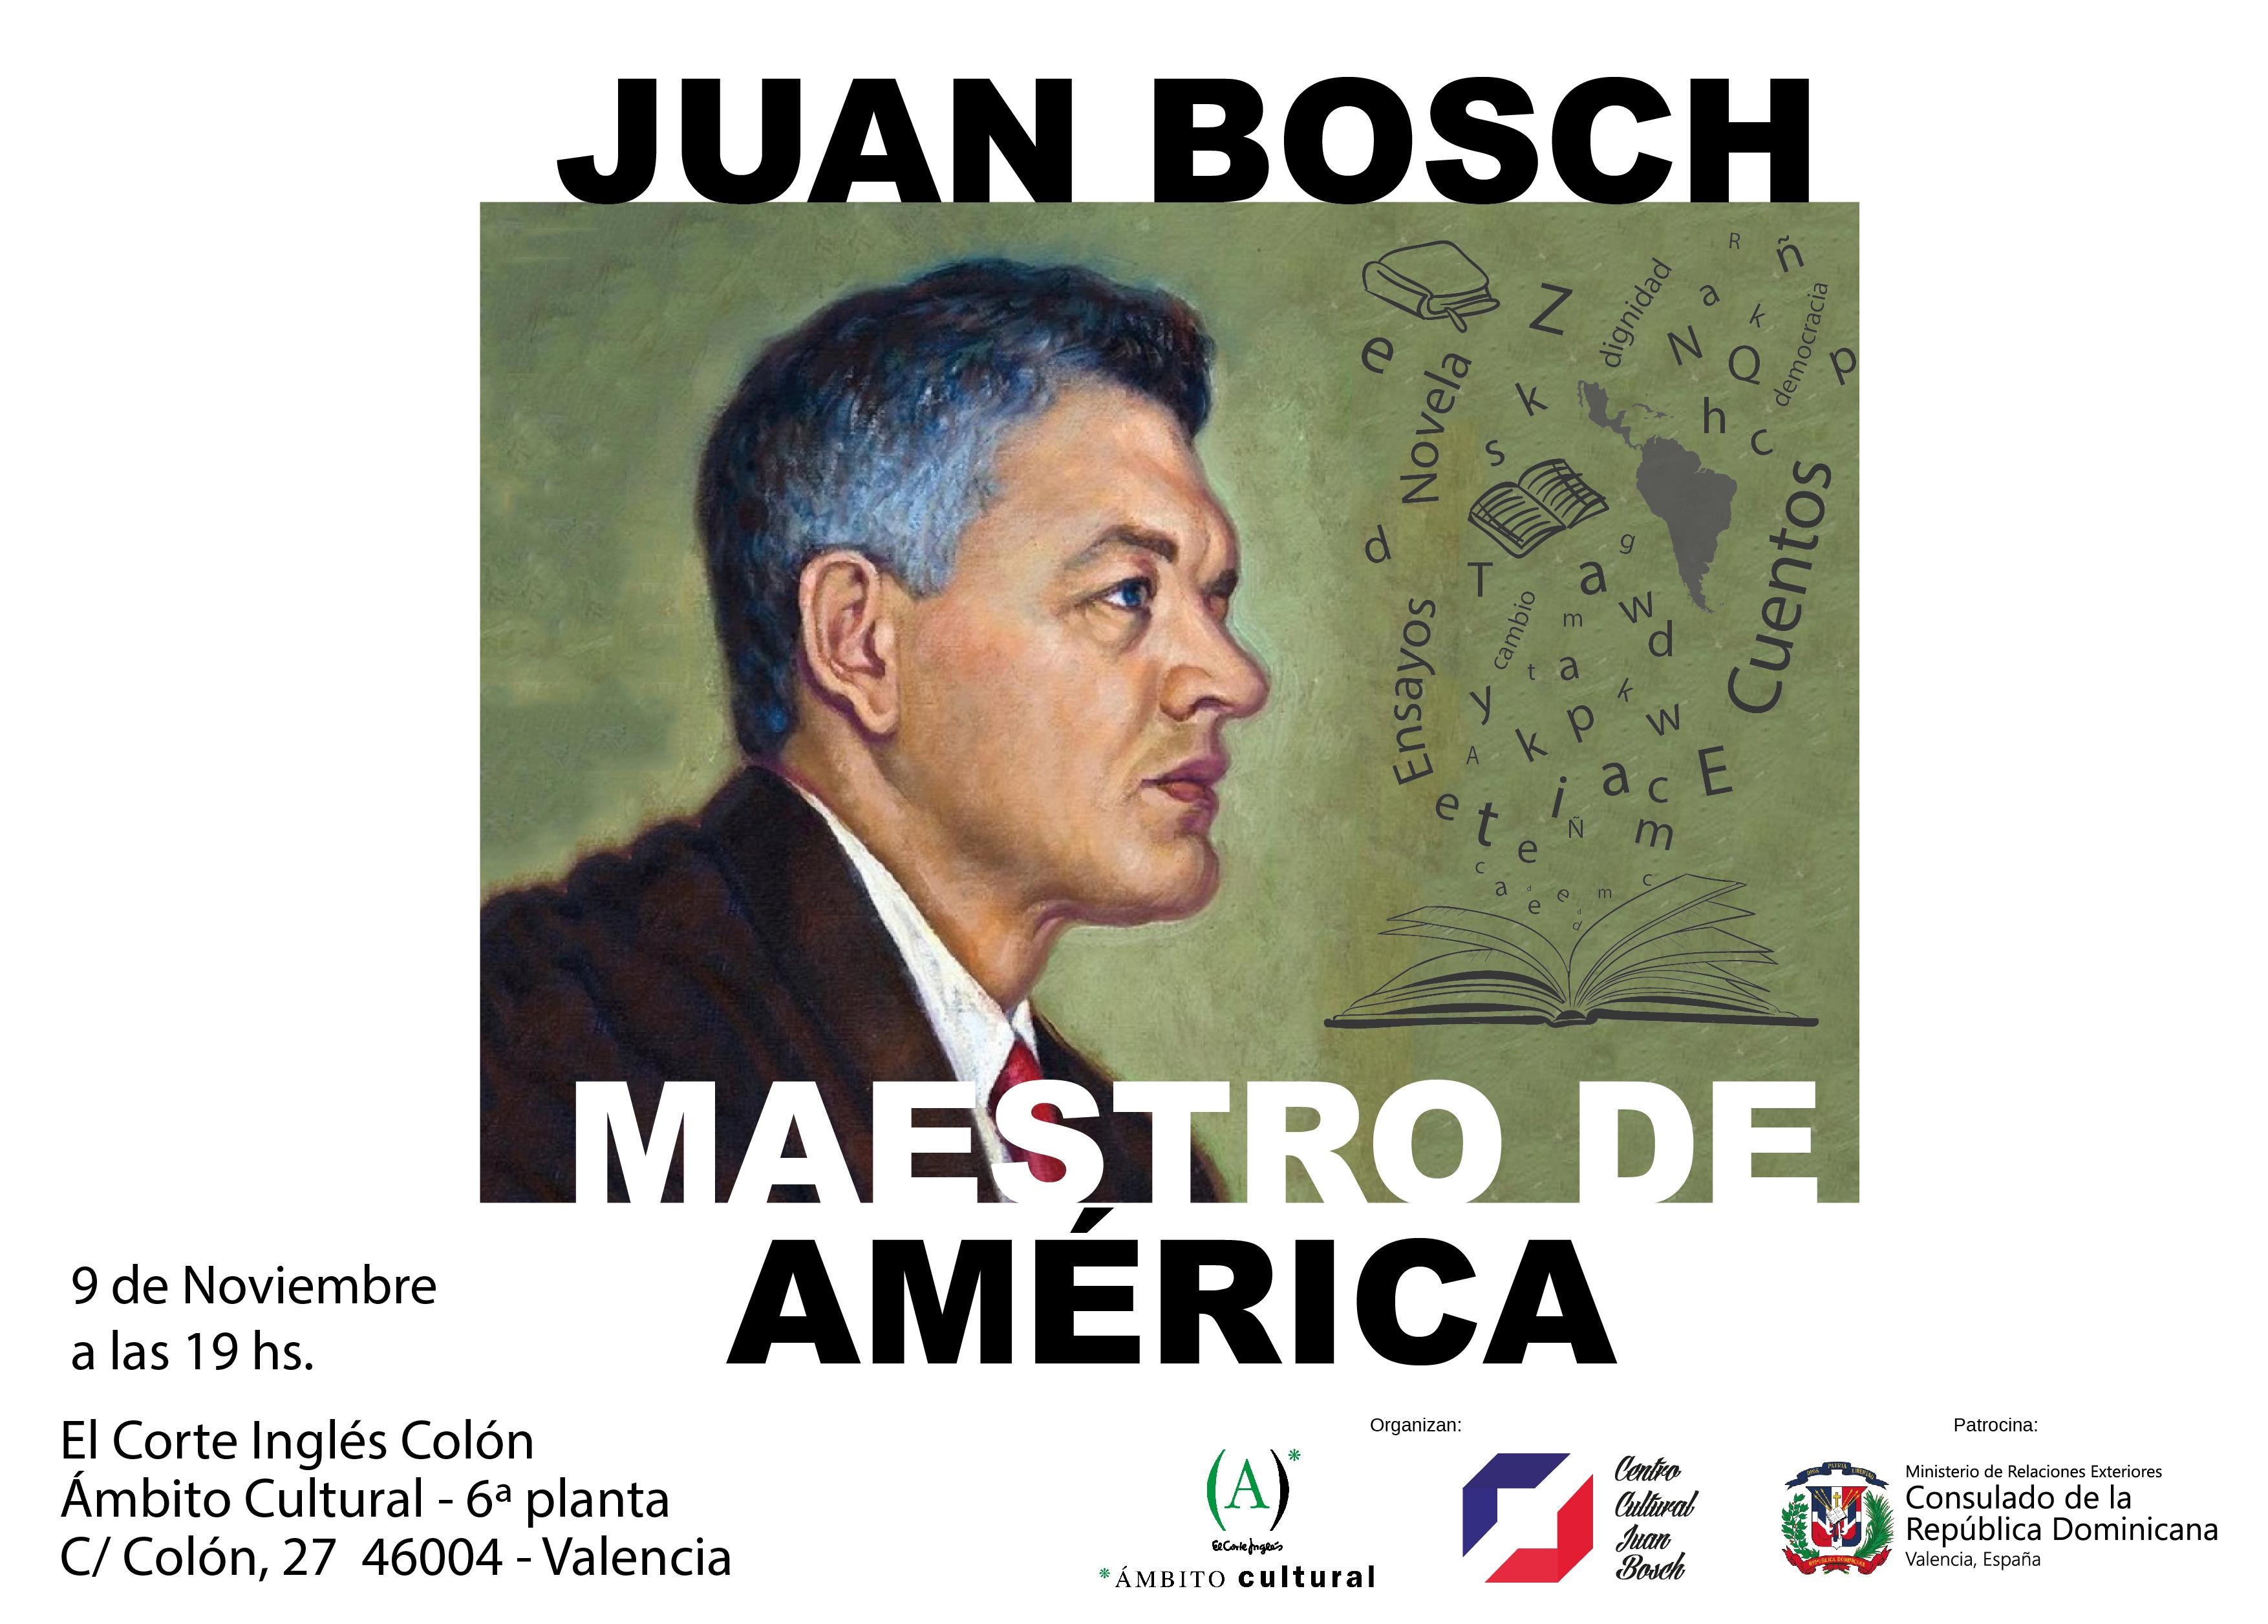 Juan Bosch Maestro de America - banner Ambito Cultural El Corte